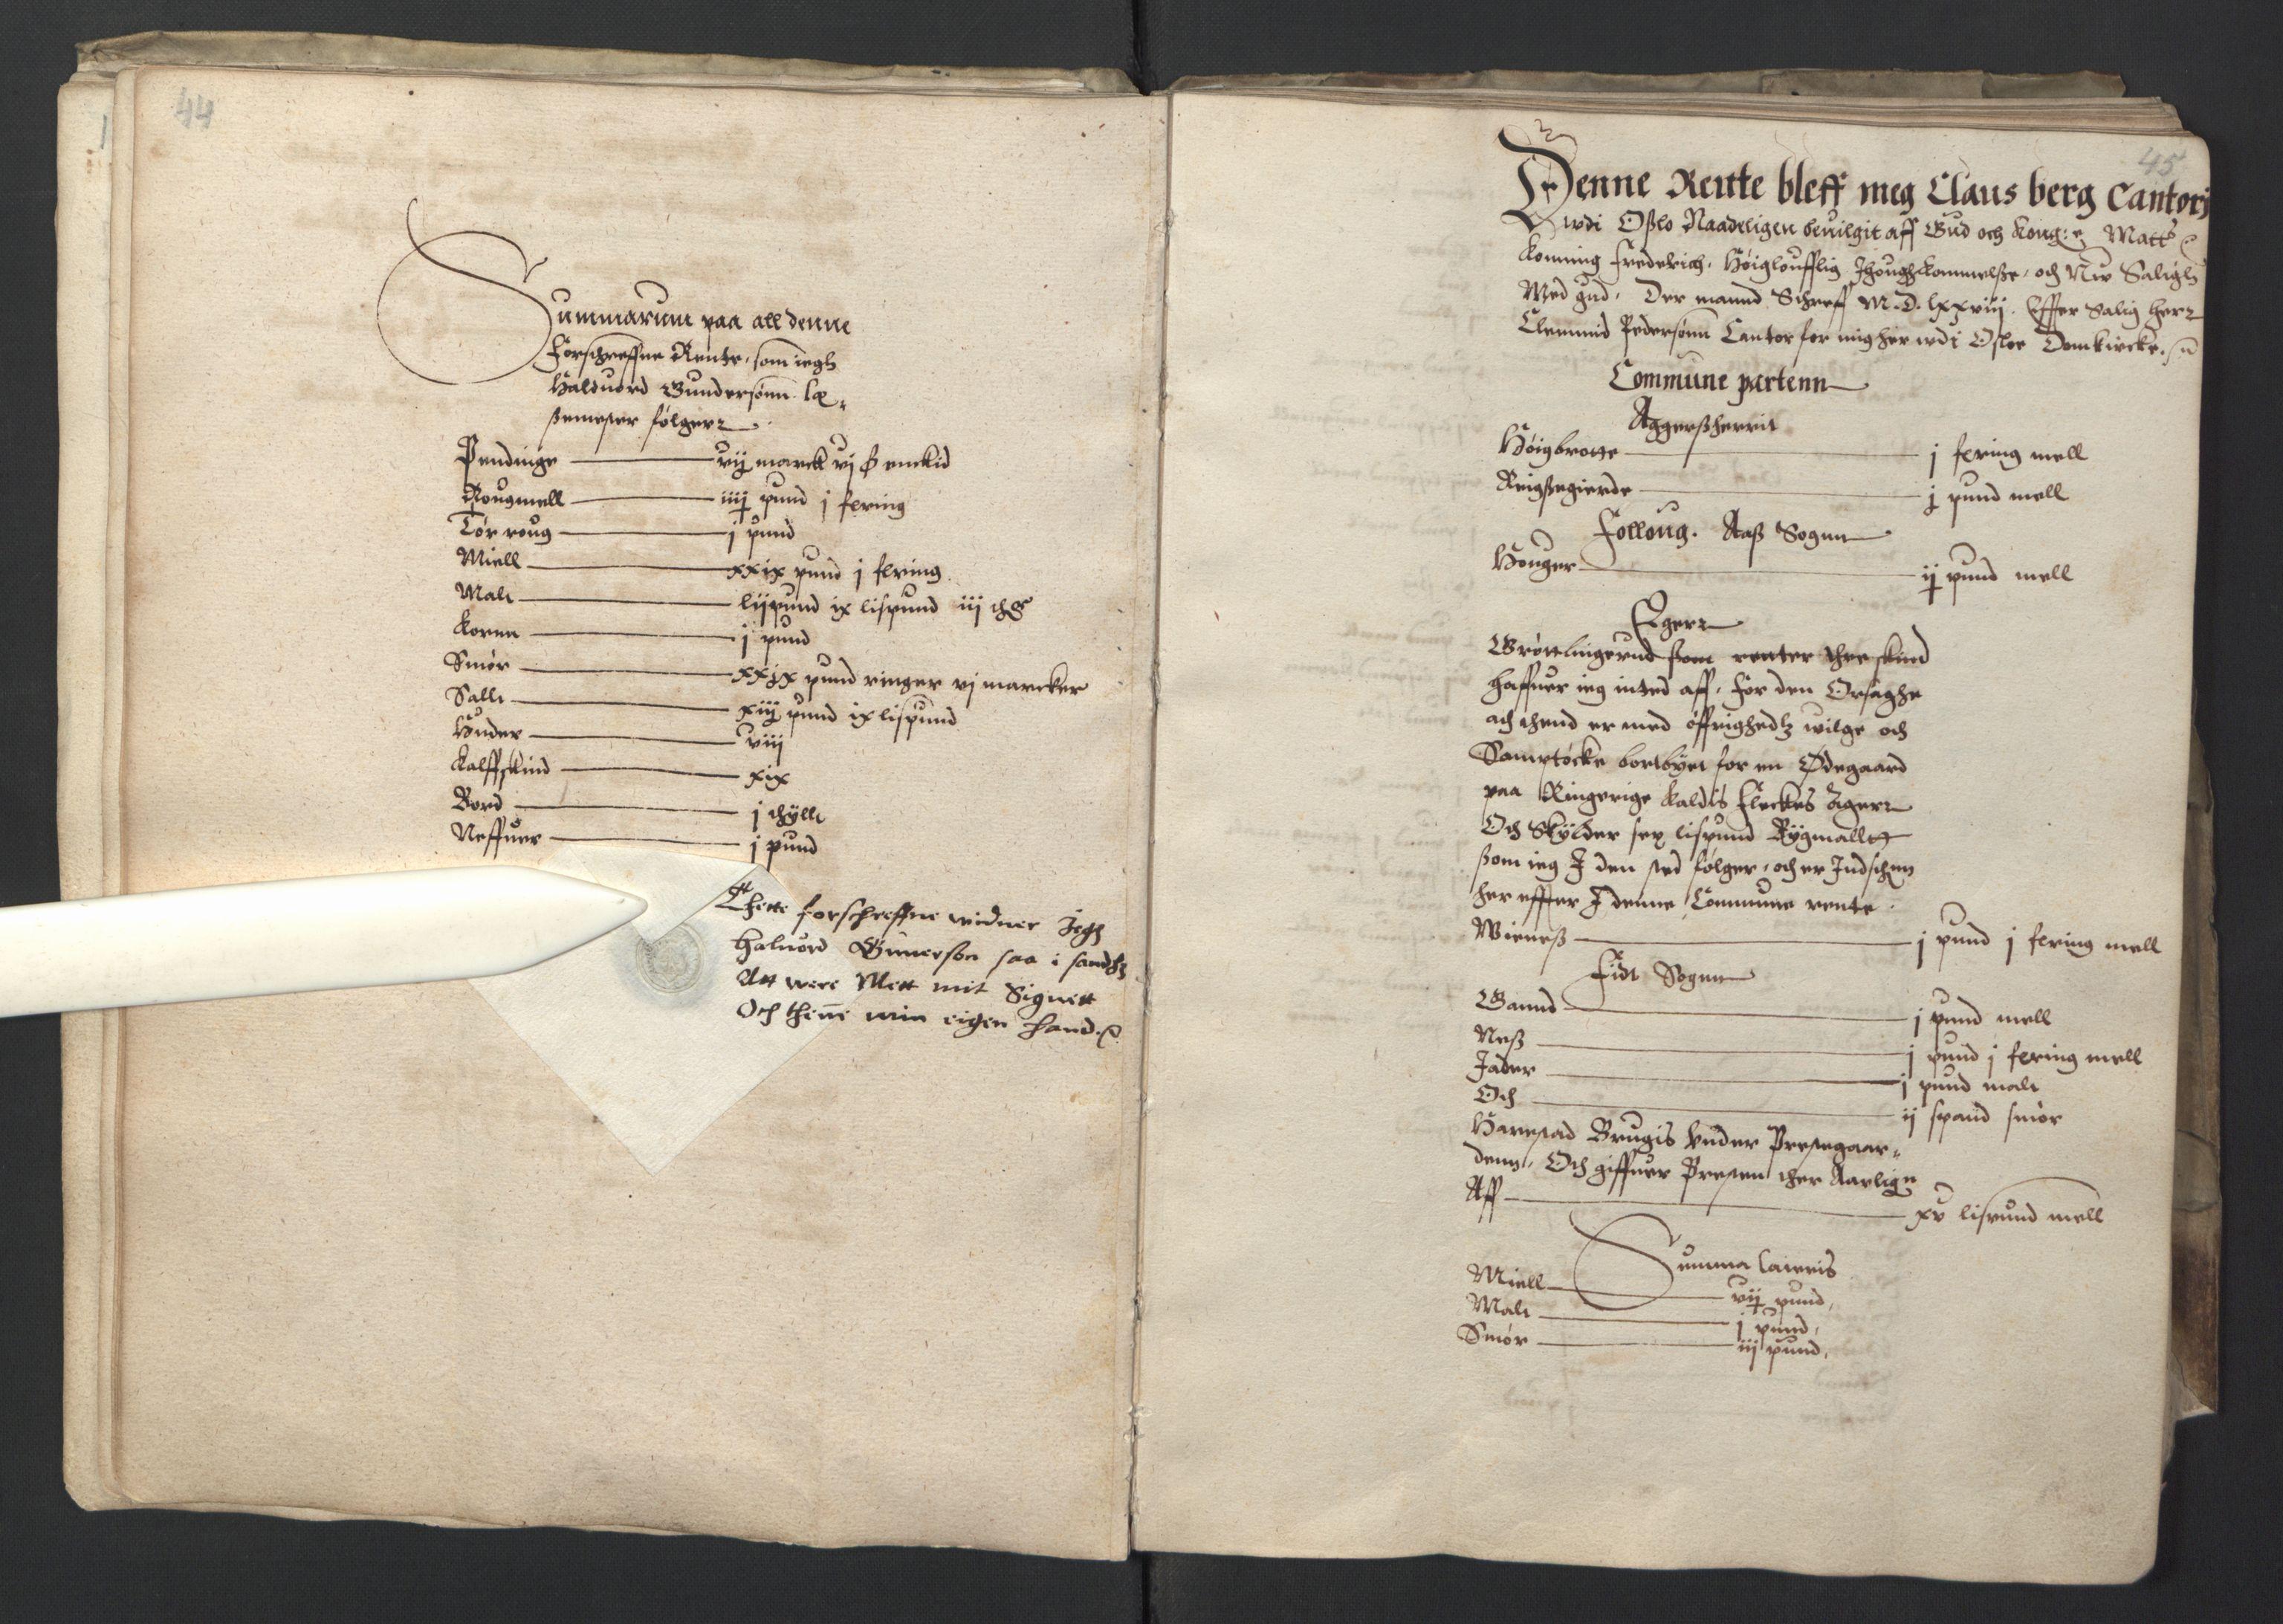 RA, Stattholderembetet 1572-1771, Ek/L0001: Jordebøker før 1624 og til utligning av garnisonsskatt 1624-1626:, 1595, s. 44-45